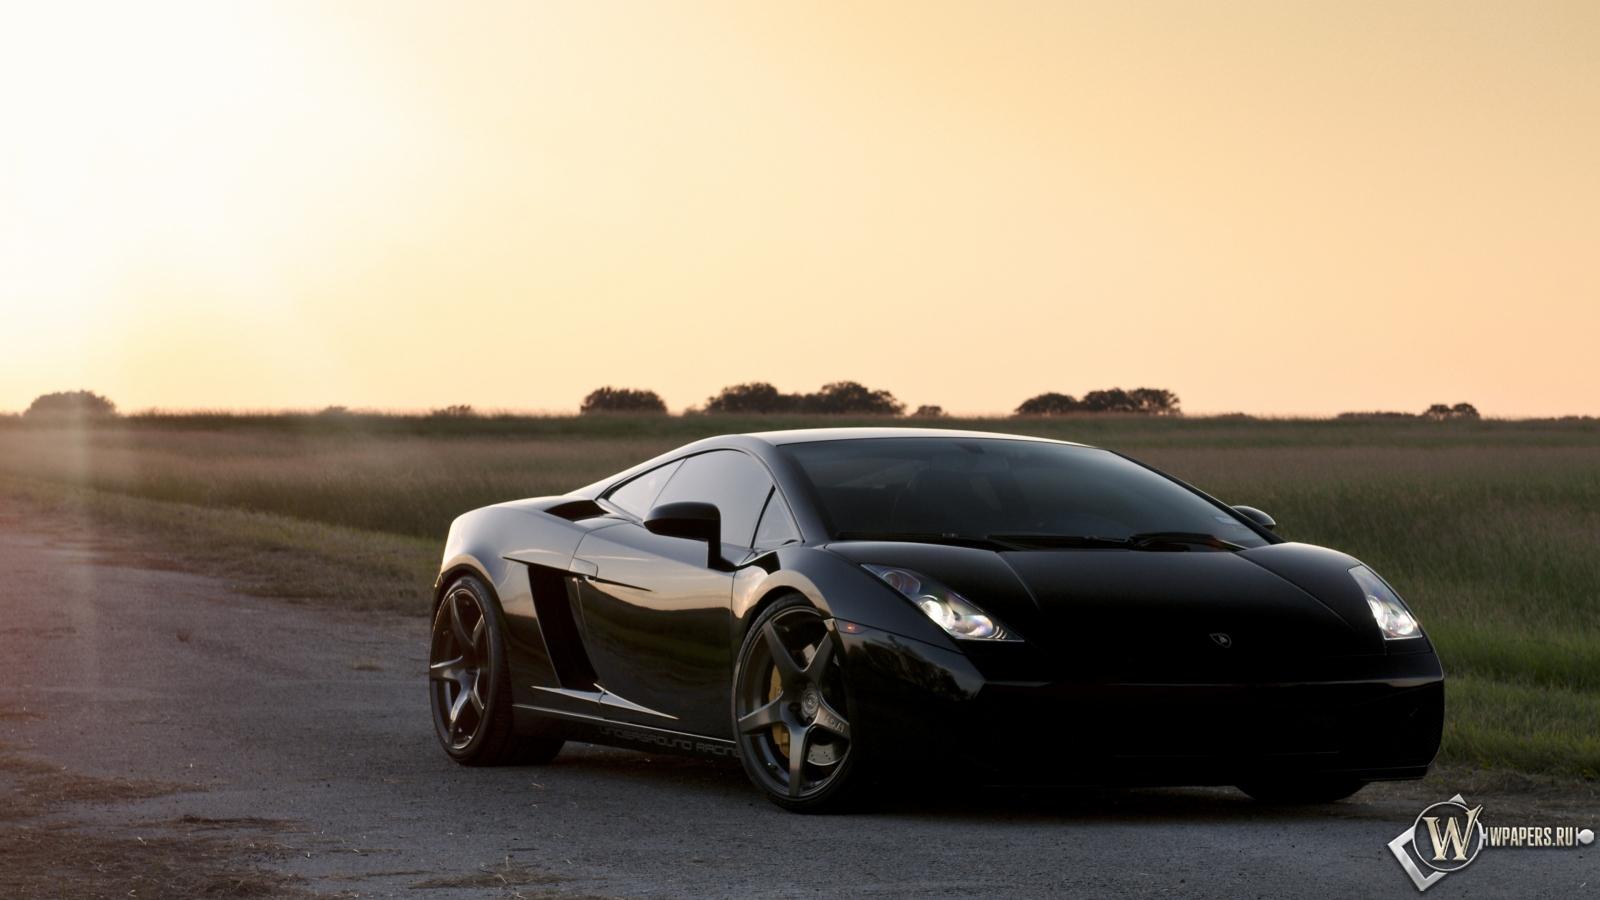 Lamborghini Gallardo 1600x900